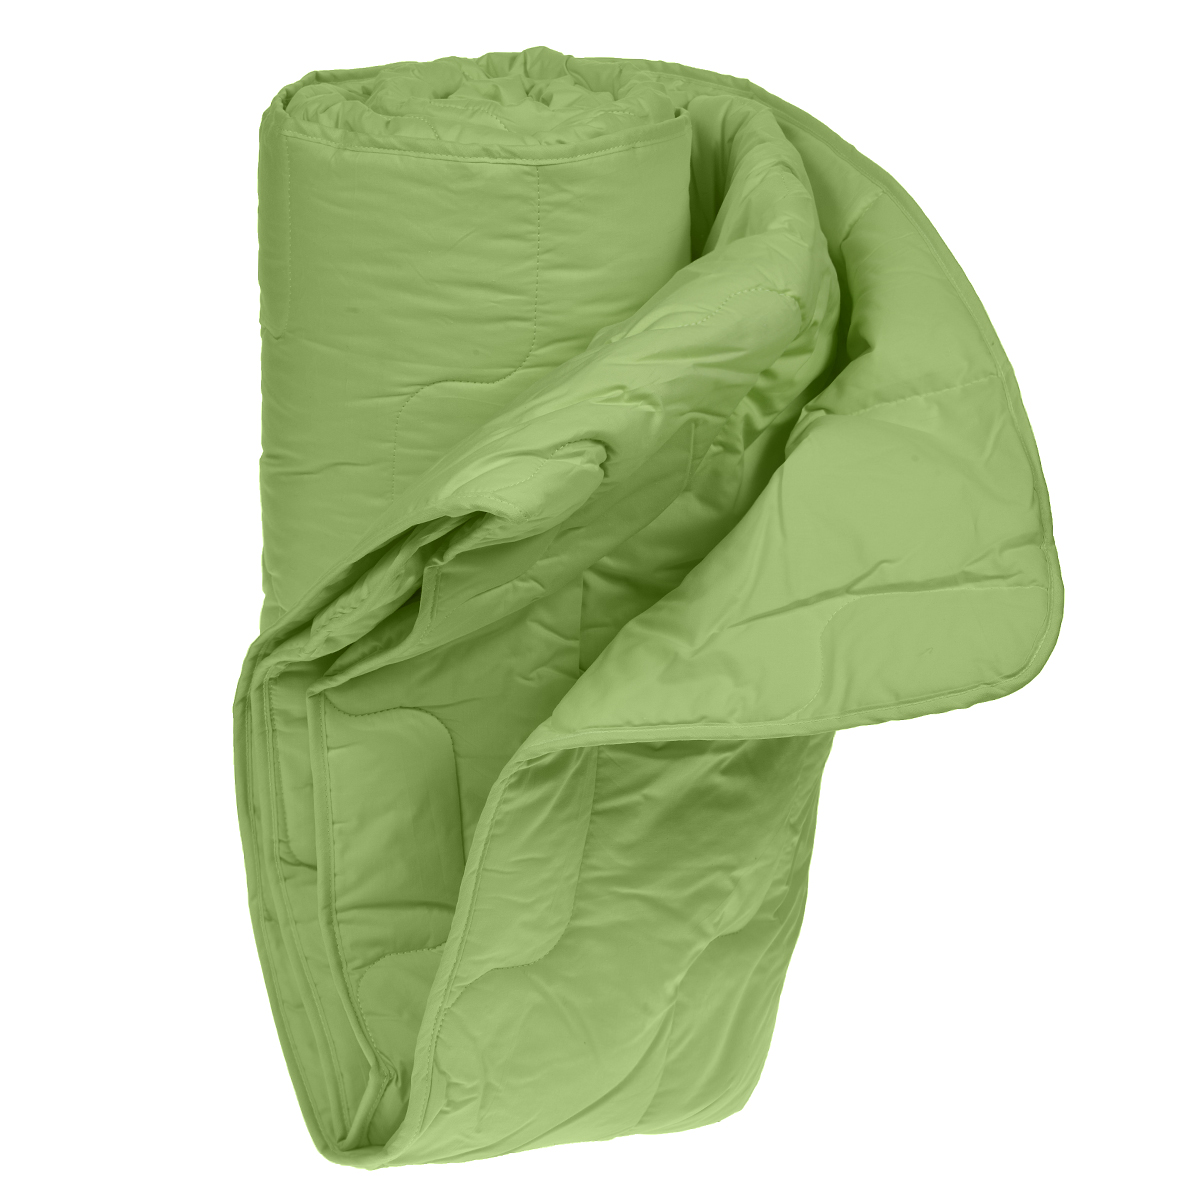 Одеяло облегченное OL-Tex Бамбук, наполнитель: бамбуковое волокно, цвет: фисташковый, 220 х 200 смОБТ-22-2Великолепное облегченное одеяло OL-Tex Бамбук подарит вам ни с чем несравнимую мягкость и комфорт и согреет даже в очень холодное время года. При этом одеяло невероятно легкое. Одеяло из коллекции Бамбук создано с использованием натурального и экологически чистого бамбукового волокна. Чехол одеяла фисташкового цвета выполнен из тика и перкаля, оформлен фигурной стежкой и кантом по краю. Натуральная, экологически чистая основа бамбукового волокна обладает природными антибактериальными и дезодорирующими свойствами, останавливает рост и развитие бактерий, препятствует появлению неприятных запахов. Эти качества сохраняются даже после многократных стирок. Идеально подходит людям, страдающим аллергией и астмой. Основные свойства бамбукового наполнителя: - отличная воздухопроницаемость и впитывающие свойства, - дезодорирующие и бактерицидные свойства, - гигиеничность и гипоаллергенность. Легкое, мягкое, воздушное одеяло прекрасно подойдет всем, кто ценит здоровый сон. Одеяло сохраняет прохладу в период жаркого лета. Нежное, теплое и красивое одеяло из коллекции Бамбук - это комфорт и уют в Вашей спальне. Подарите себе здоровый сон с бамбуковым одеялом! Рекомендации по уходу:- Ручная и машинная стирка при температуре 30°С.- Не гладить.- Не отбеливать. - Нельзя отжимать и сушить в стиральной машине. - Вертикальная сушка. Размер одеяла: 220 см х 200 см. Материал чехла: тик, перкаль (100% хлопок). Материал наполнителя: бамбуковое волокно/микроволокно OL-Tex (100% полиэстер). Плотность: 200 г/м2.